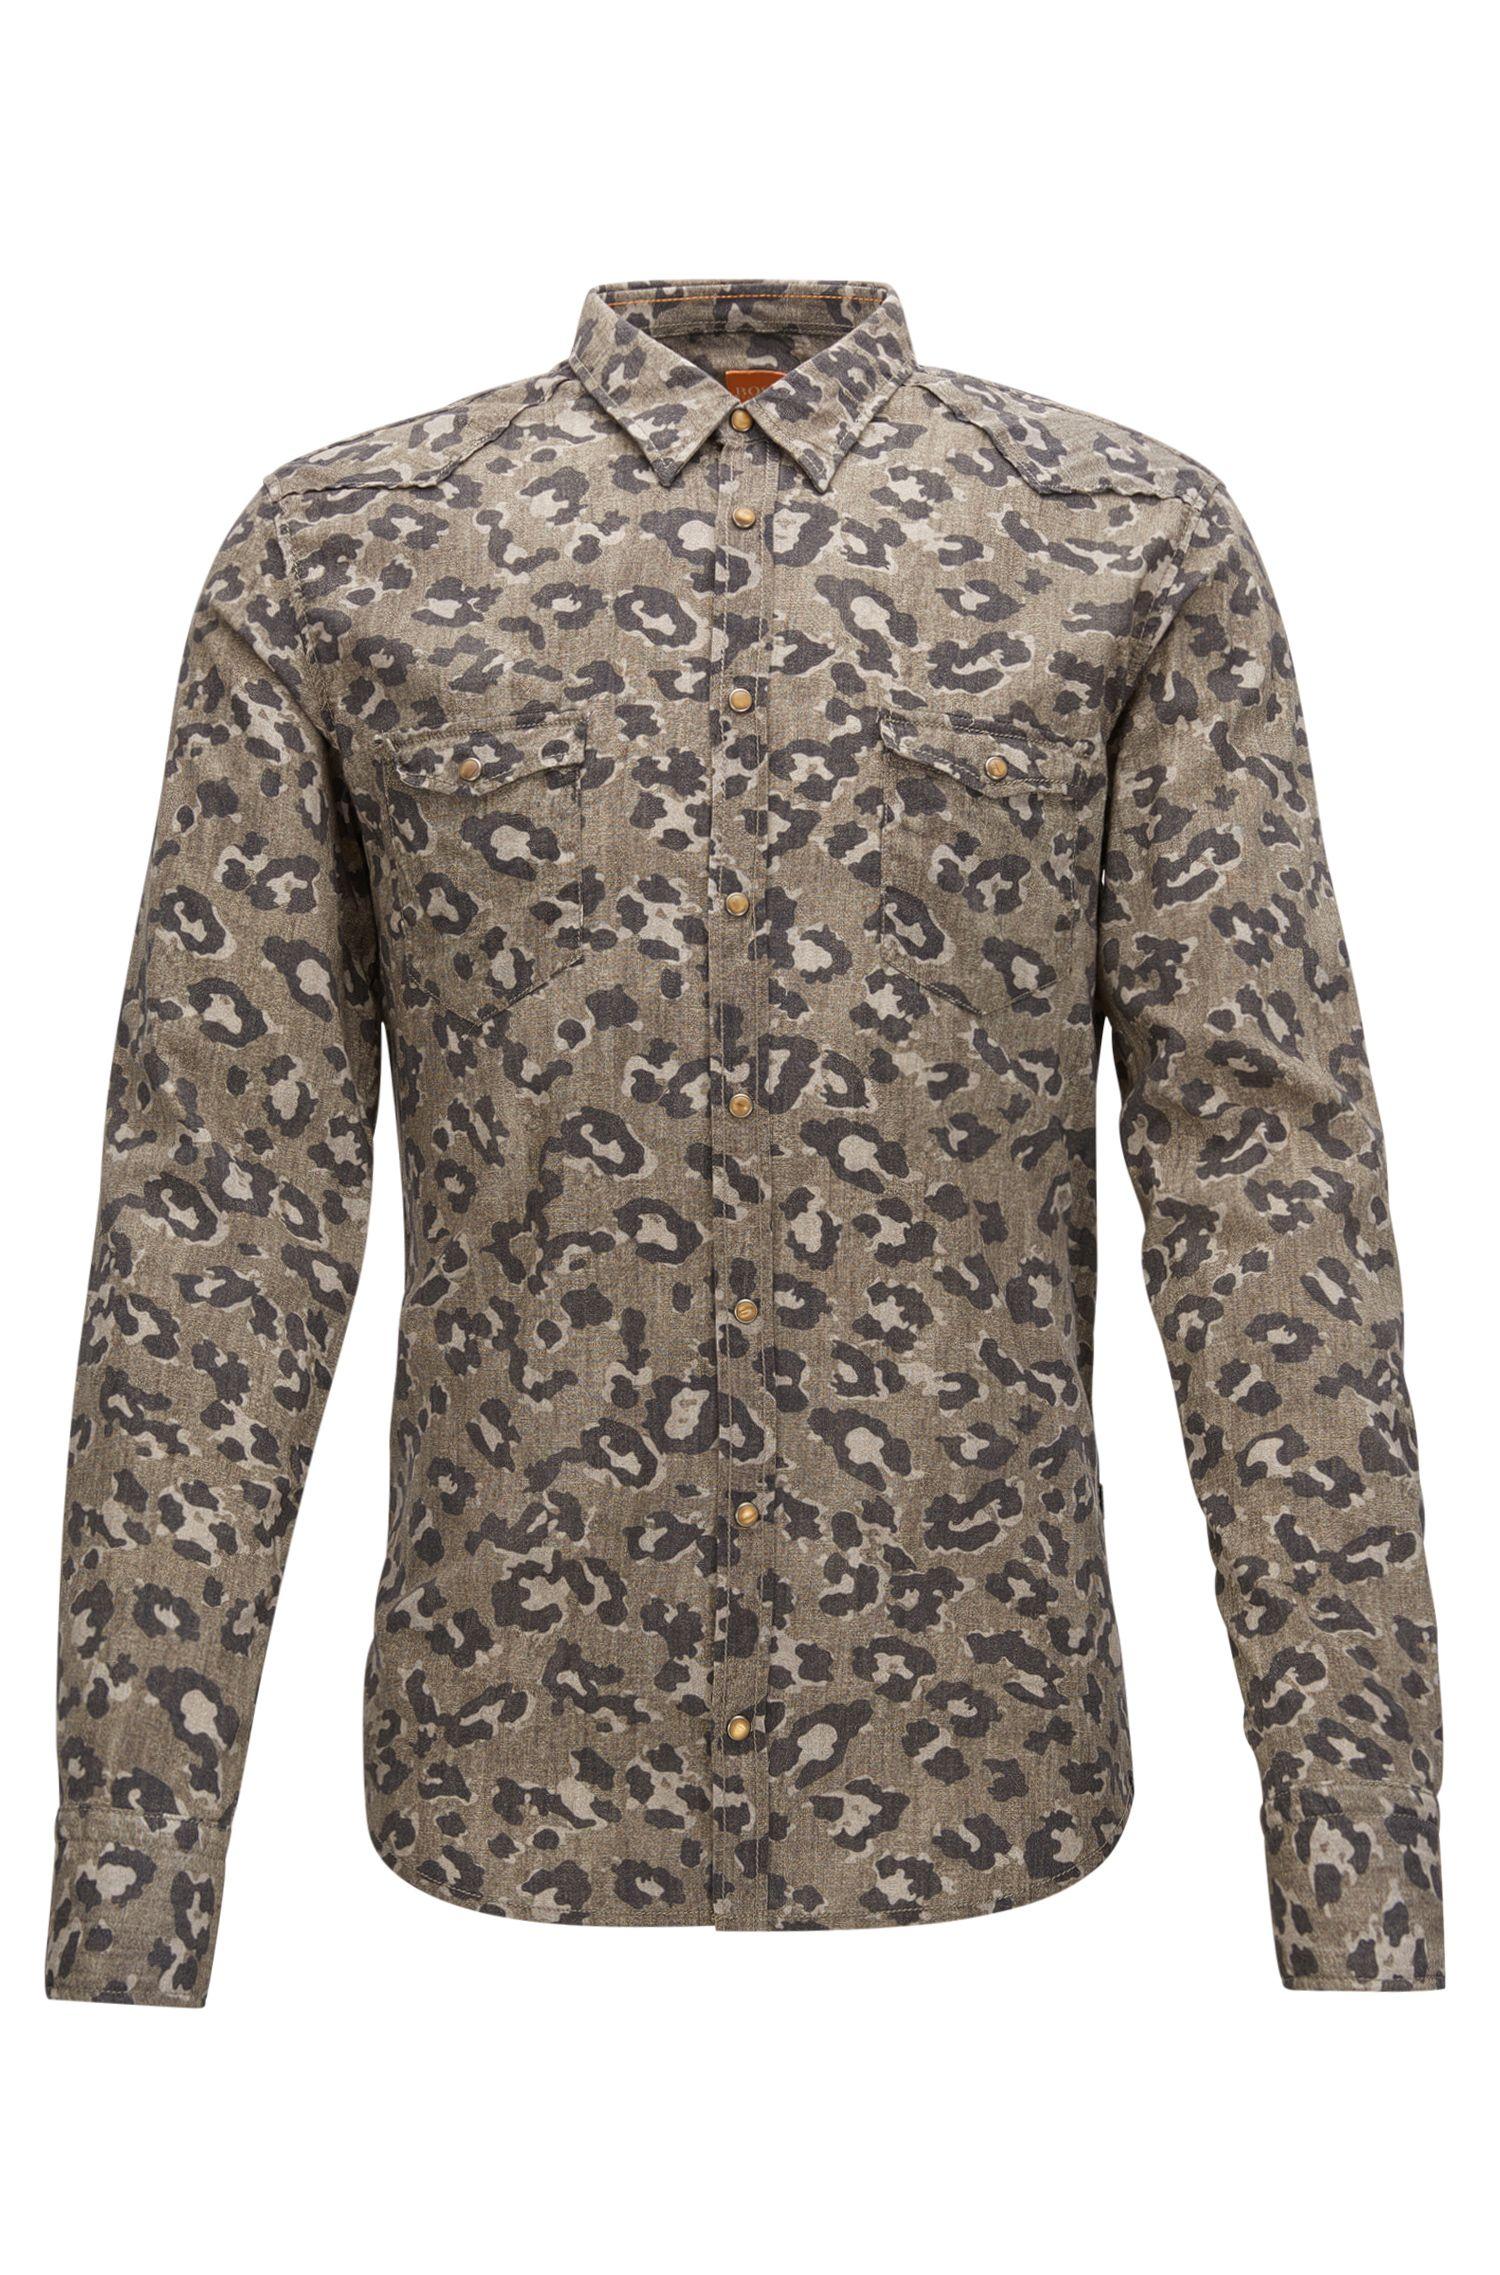 'Erodeo' | Slim Fit, Leopard-Print Cotton Button Down Shirt, Open Beige